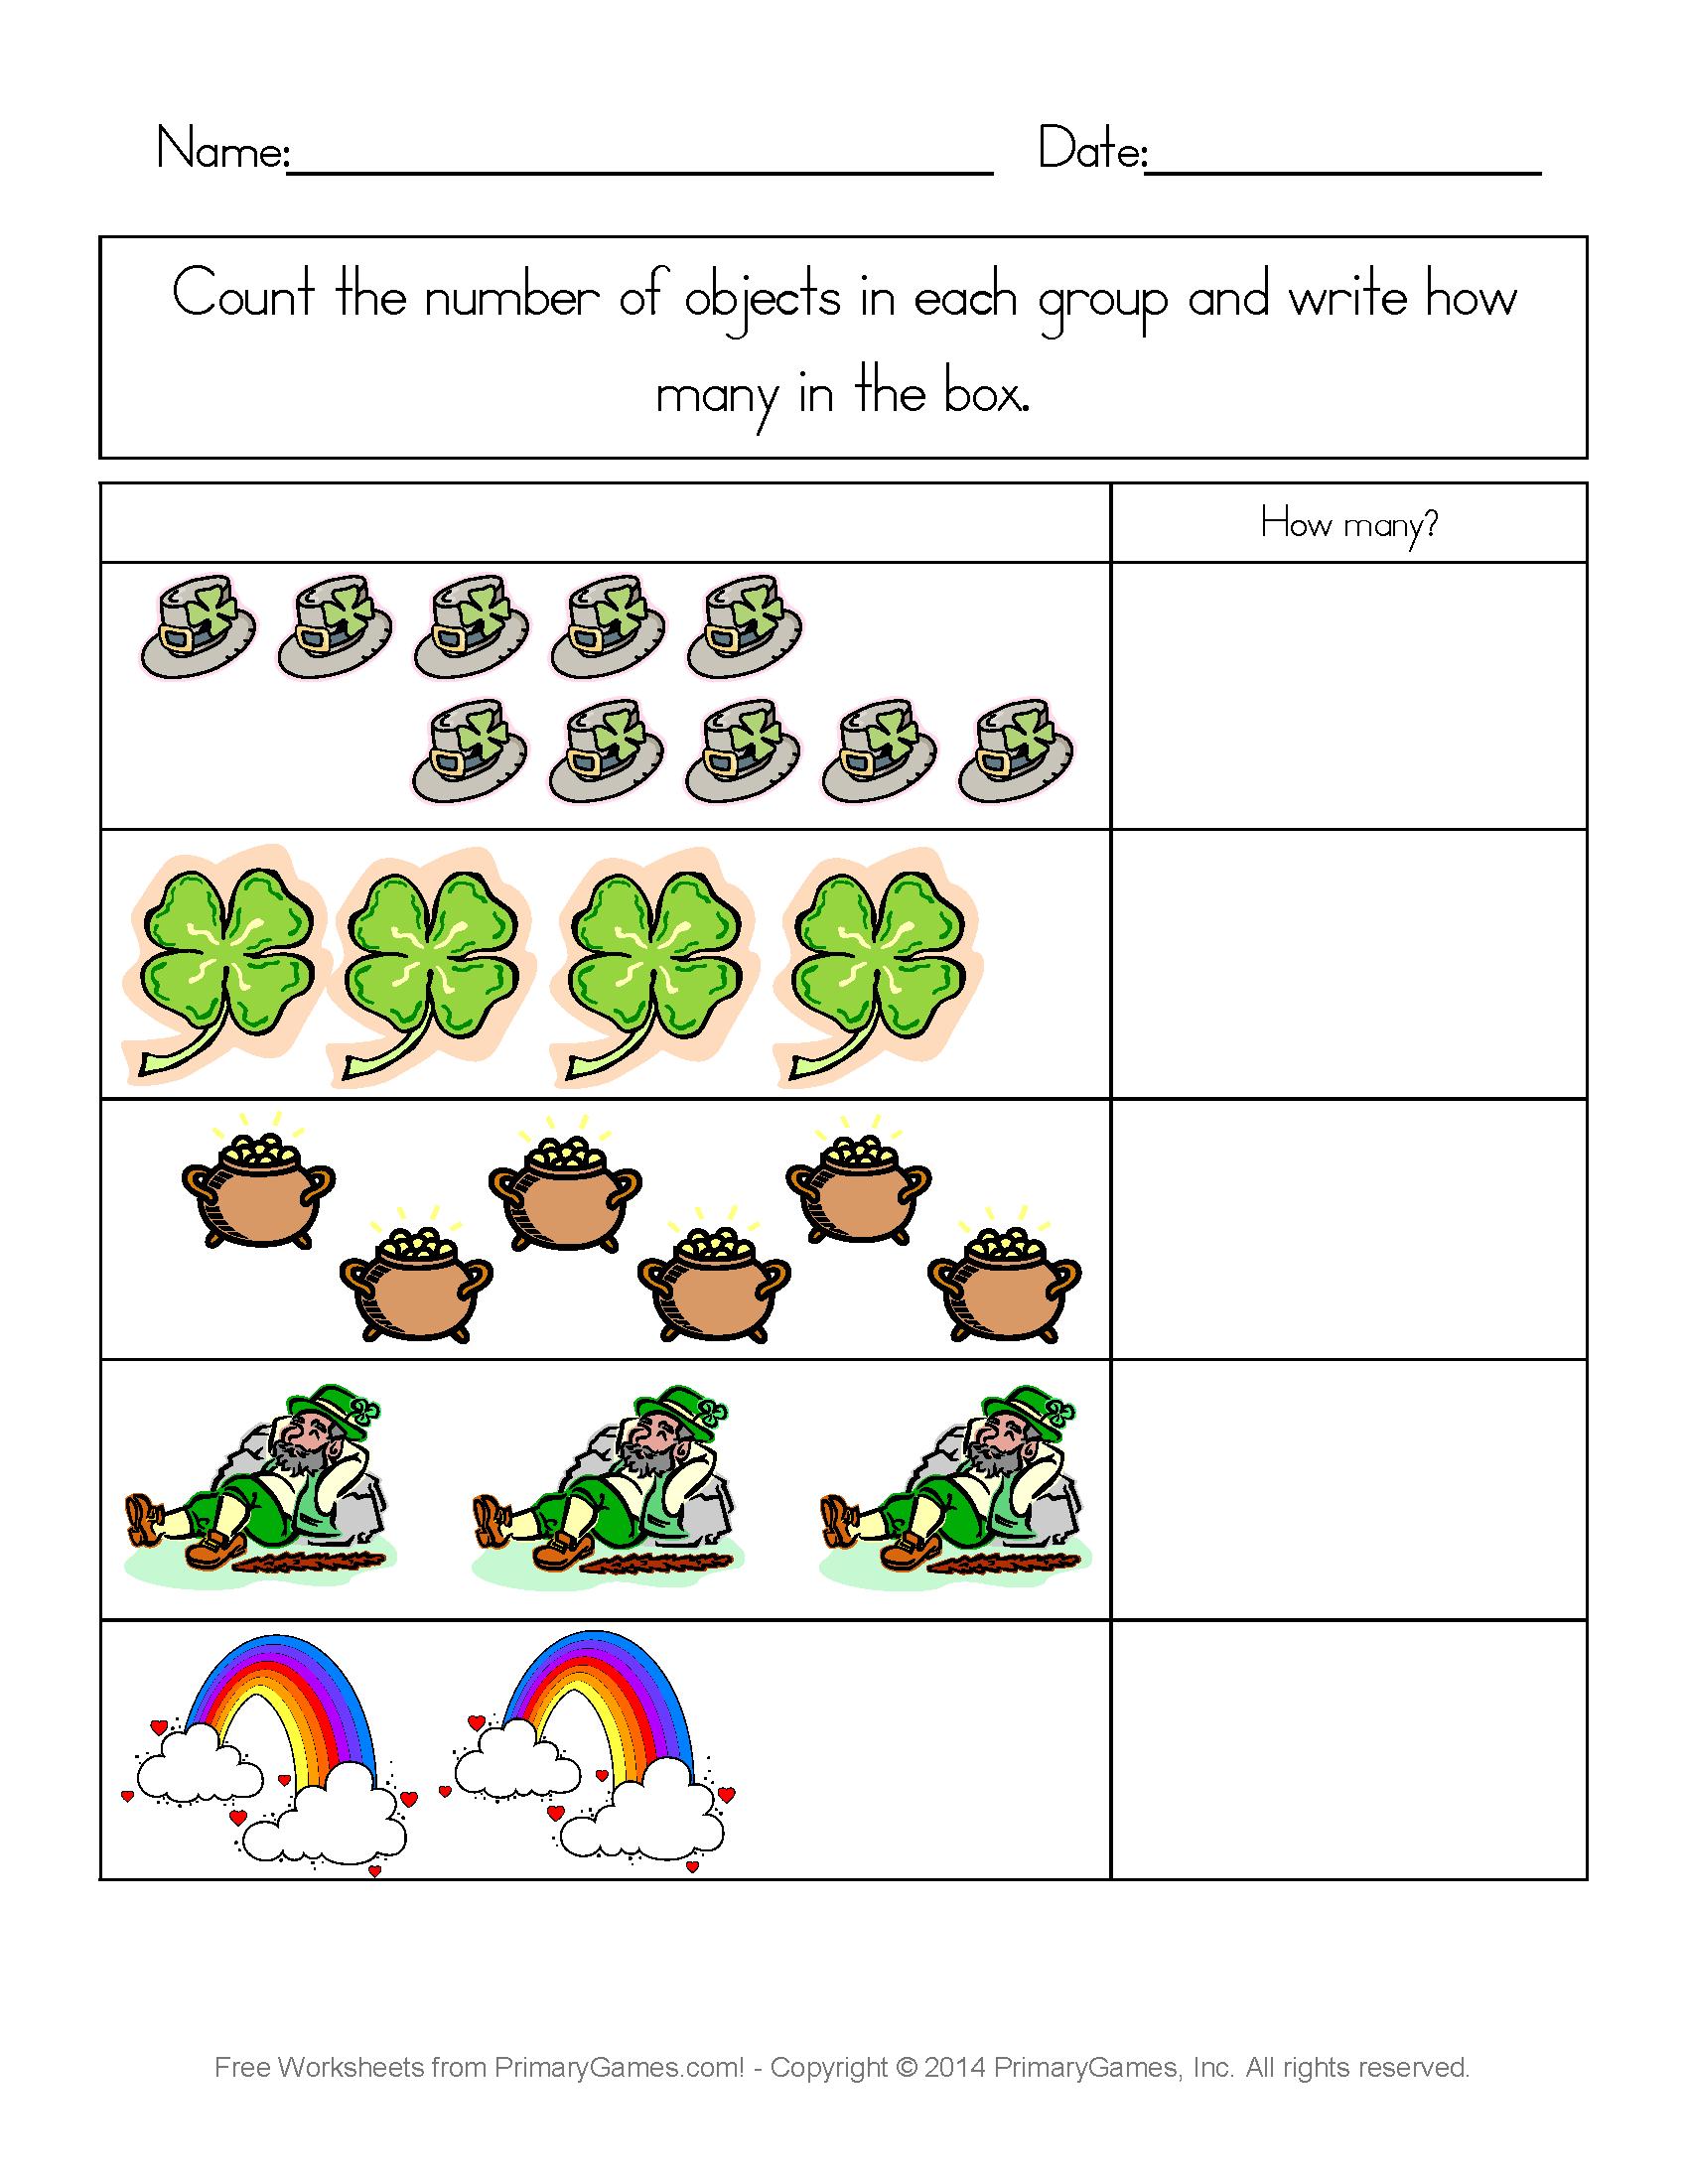 Worksheets St Patricks Day Worksheets st patricks day worksheets counting practice practice